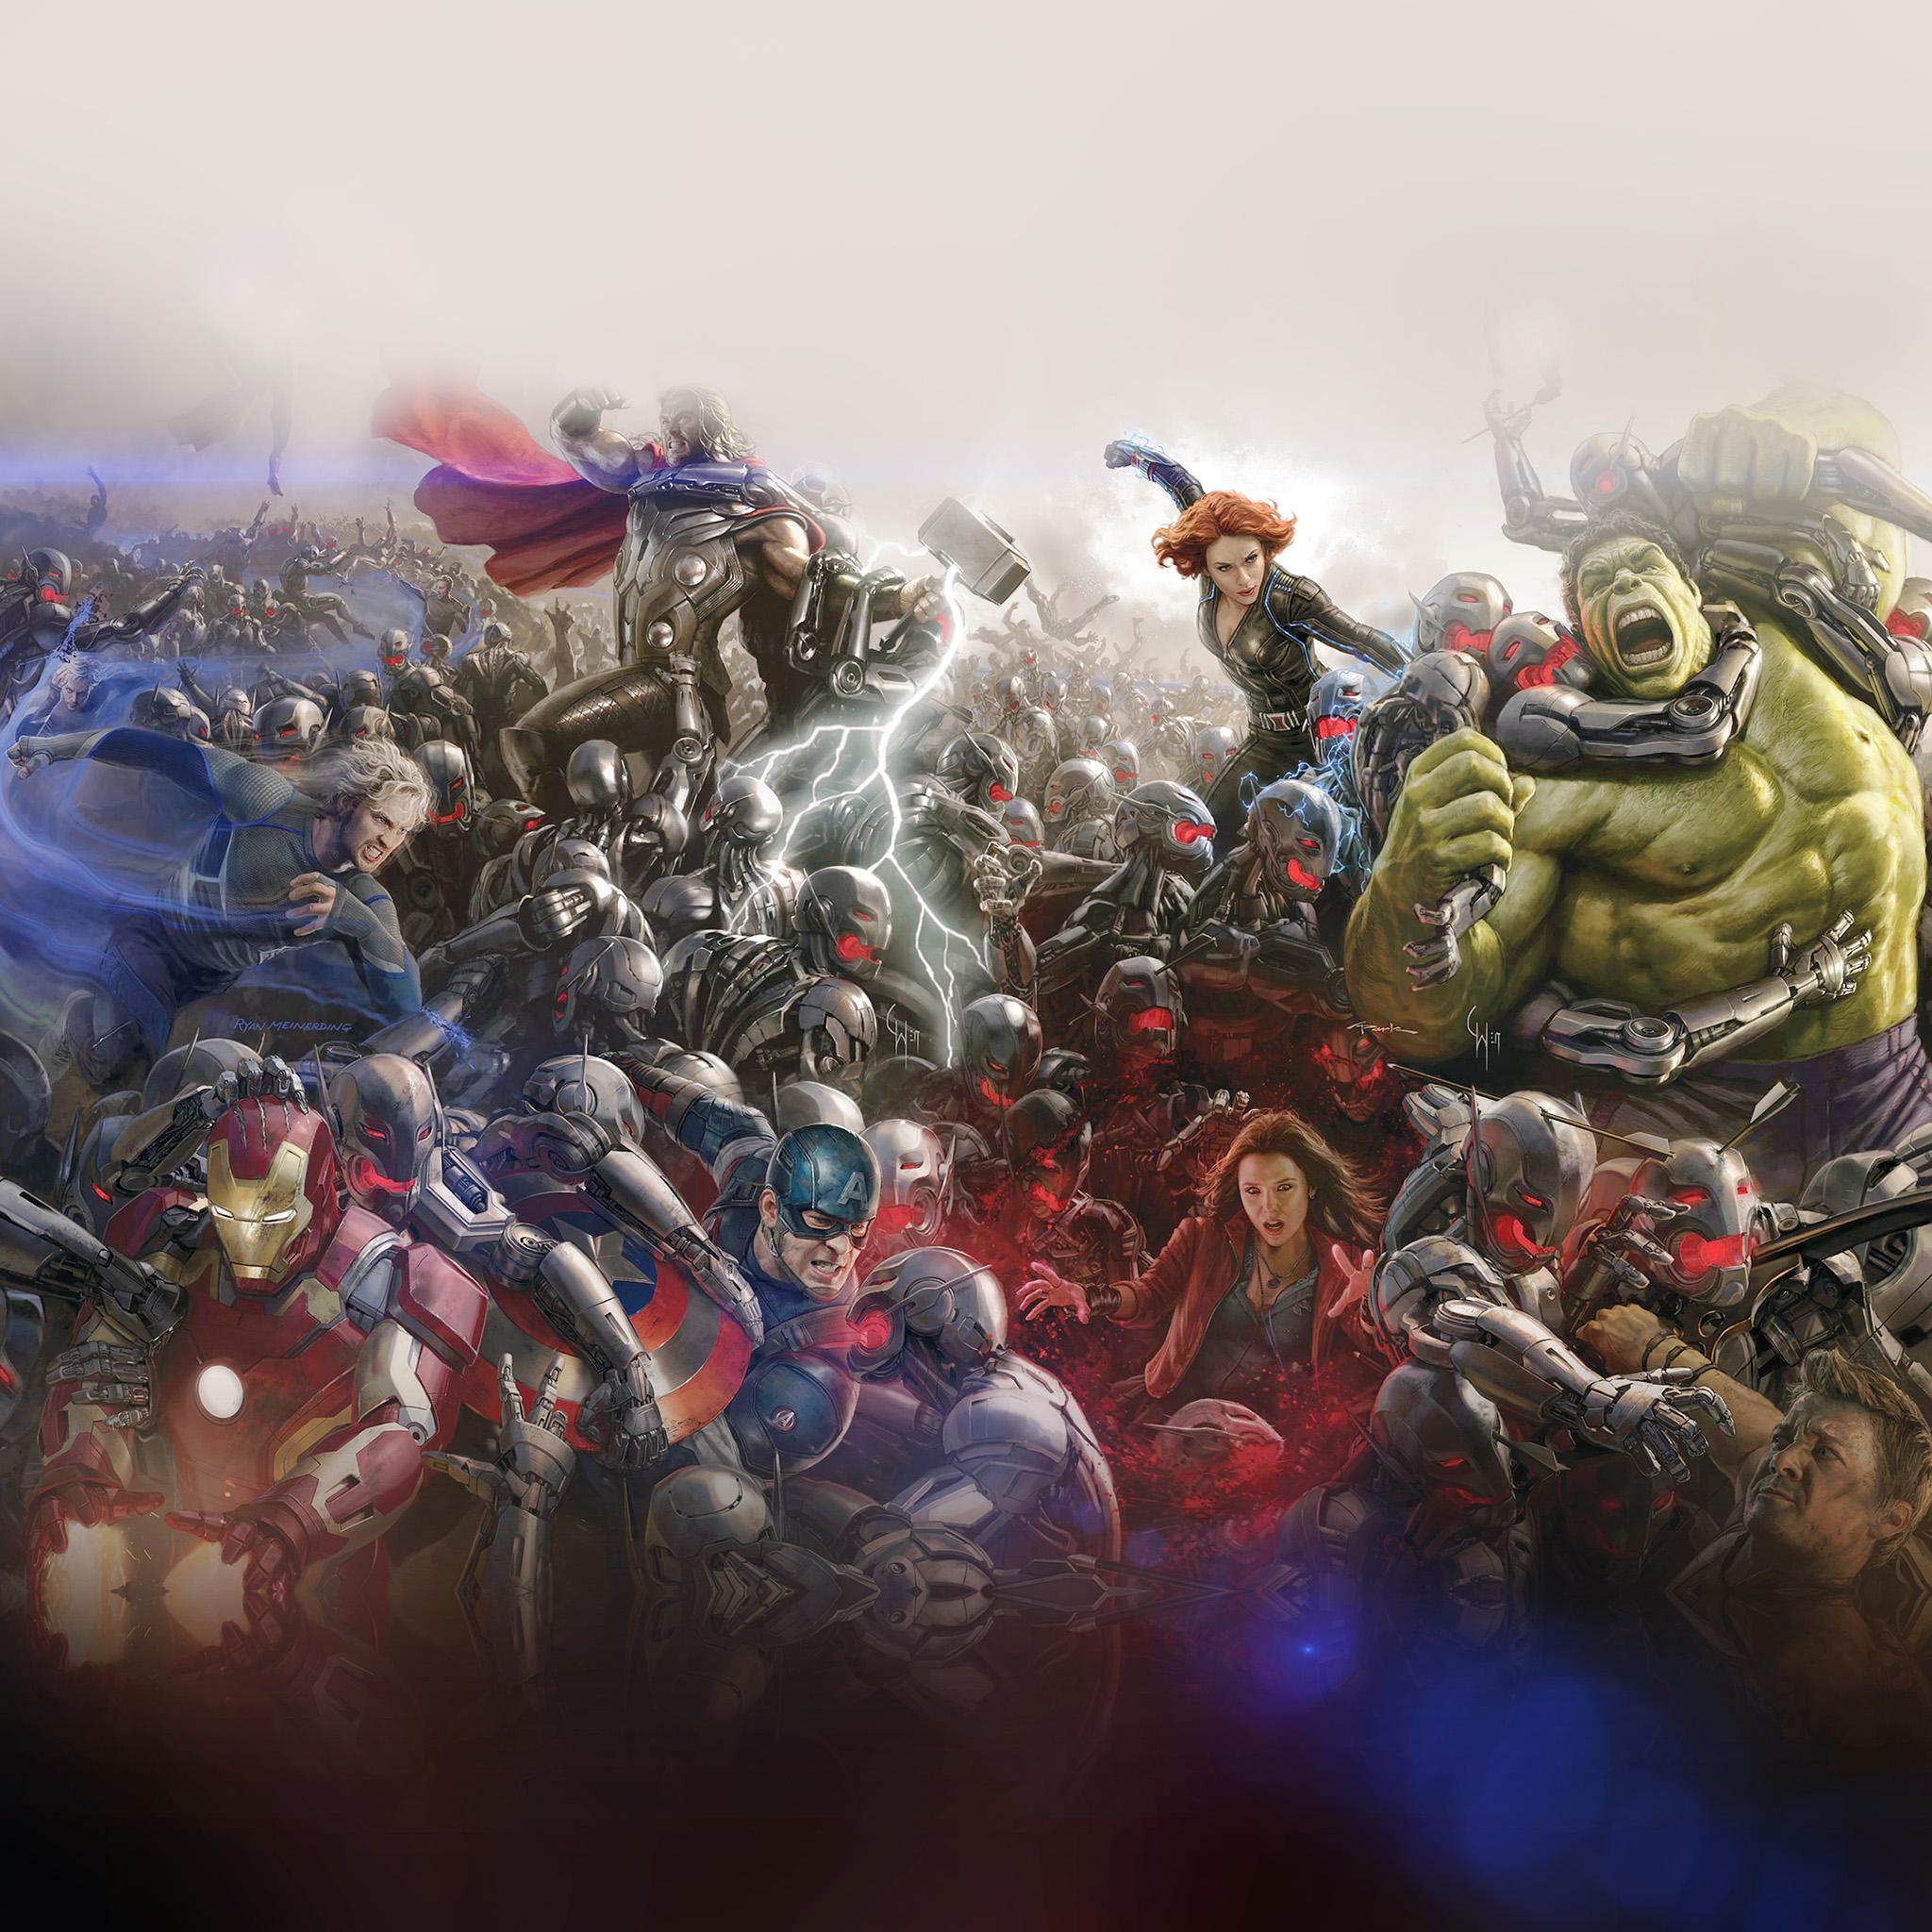 Wallpaper Iphone Superhero: Al94-avengers-marvel-hero-ultron-flare-art-fight-light